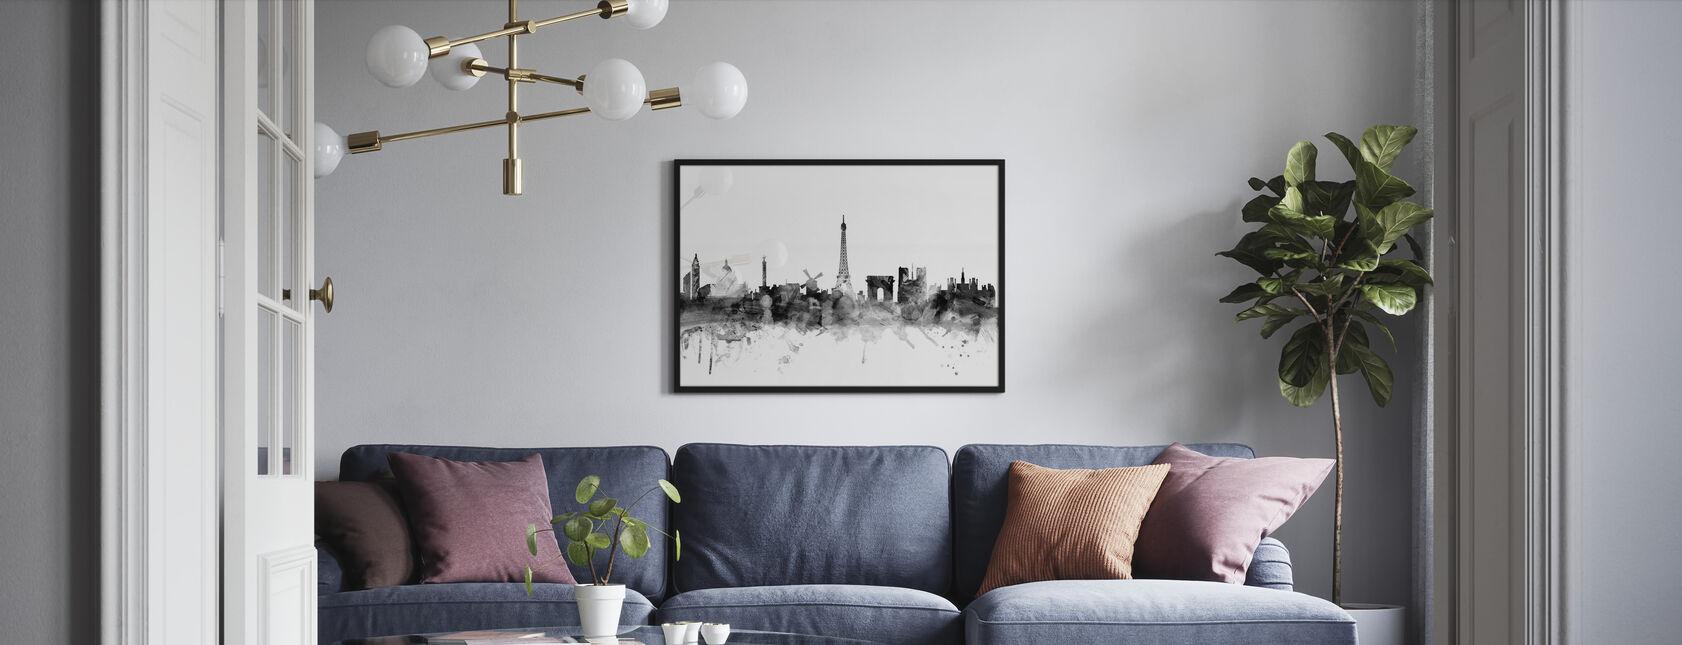 Paris Skyline Noir - Impression encadree - Salle à manger